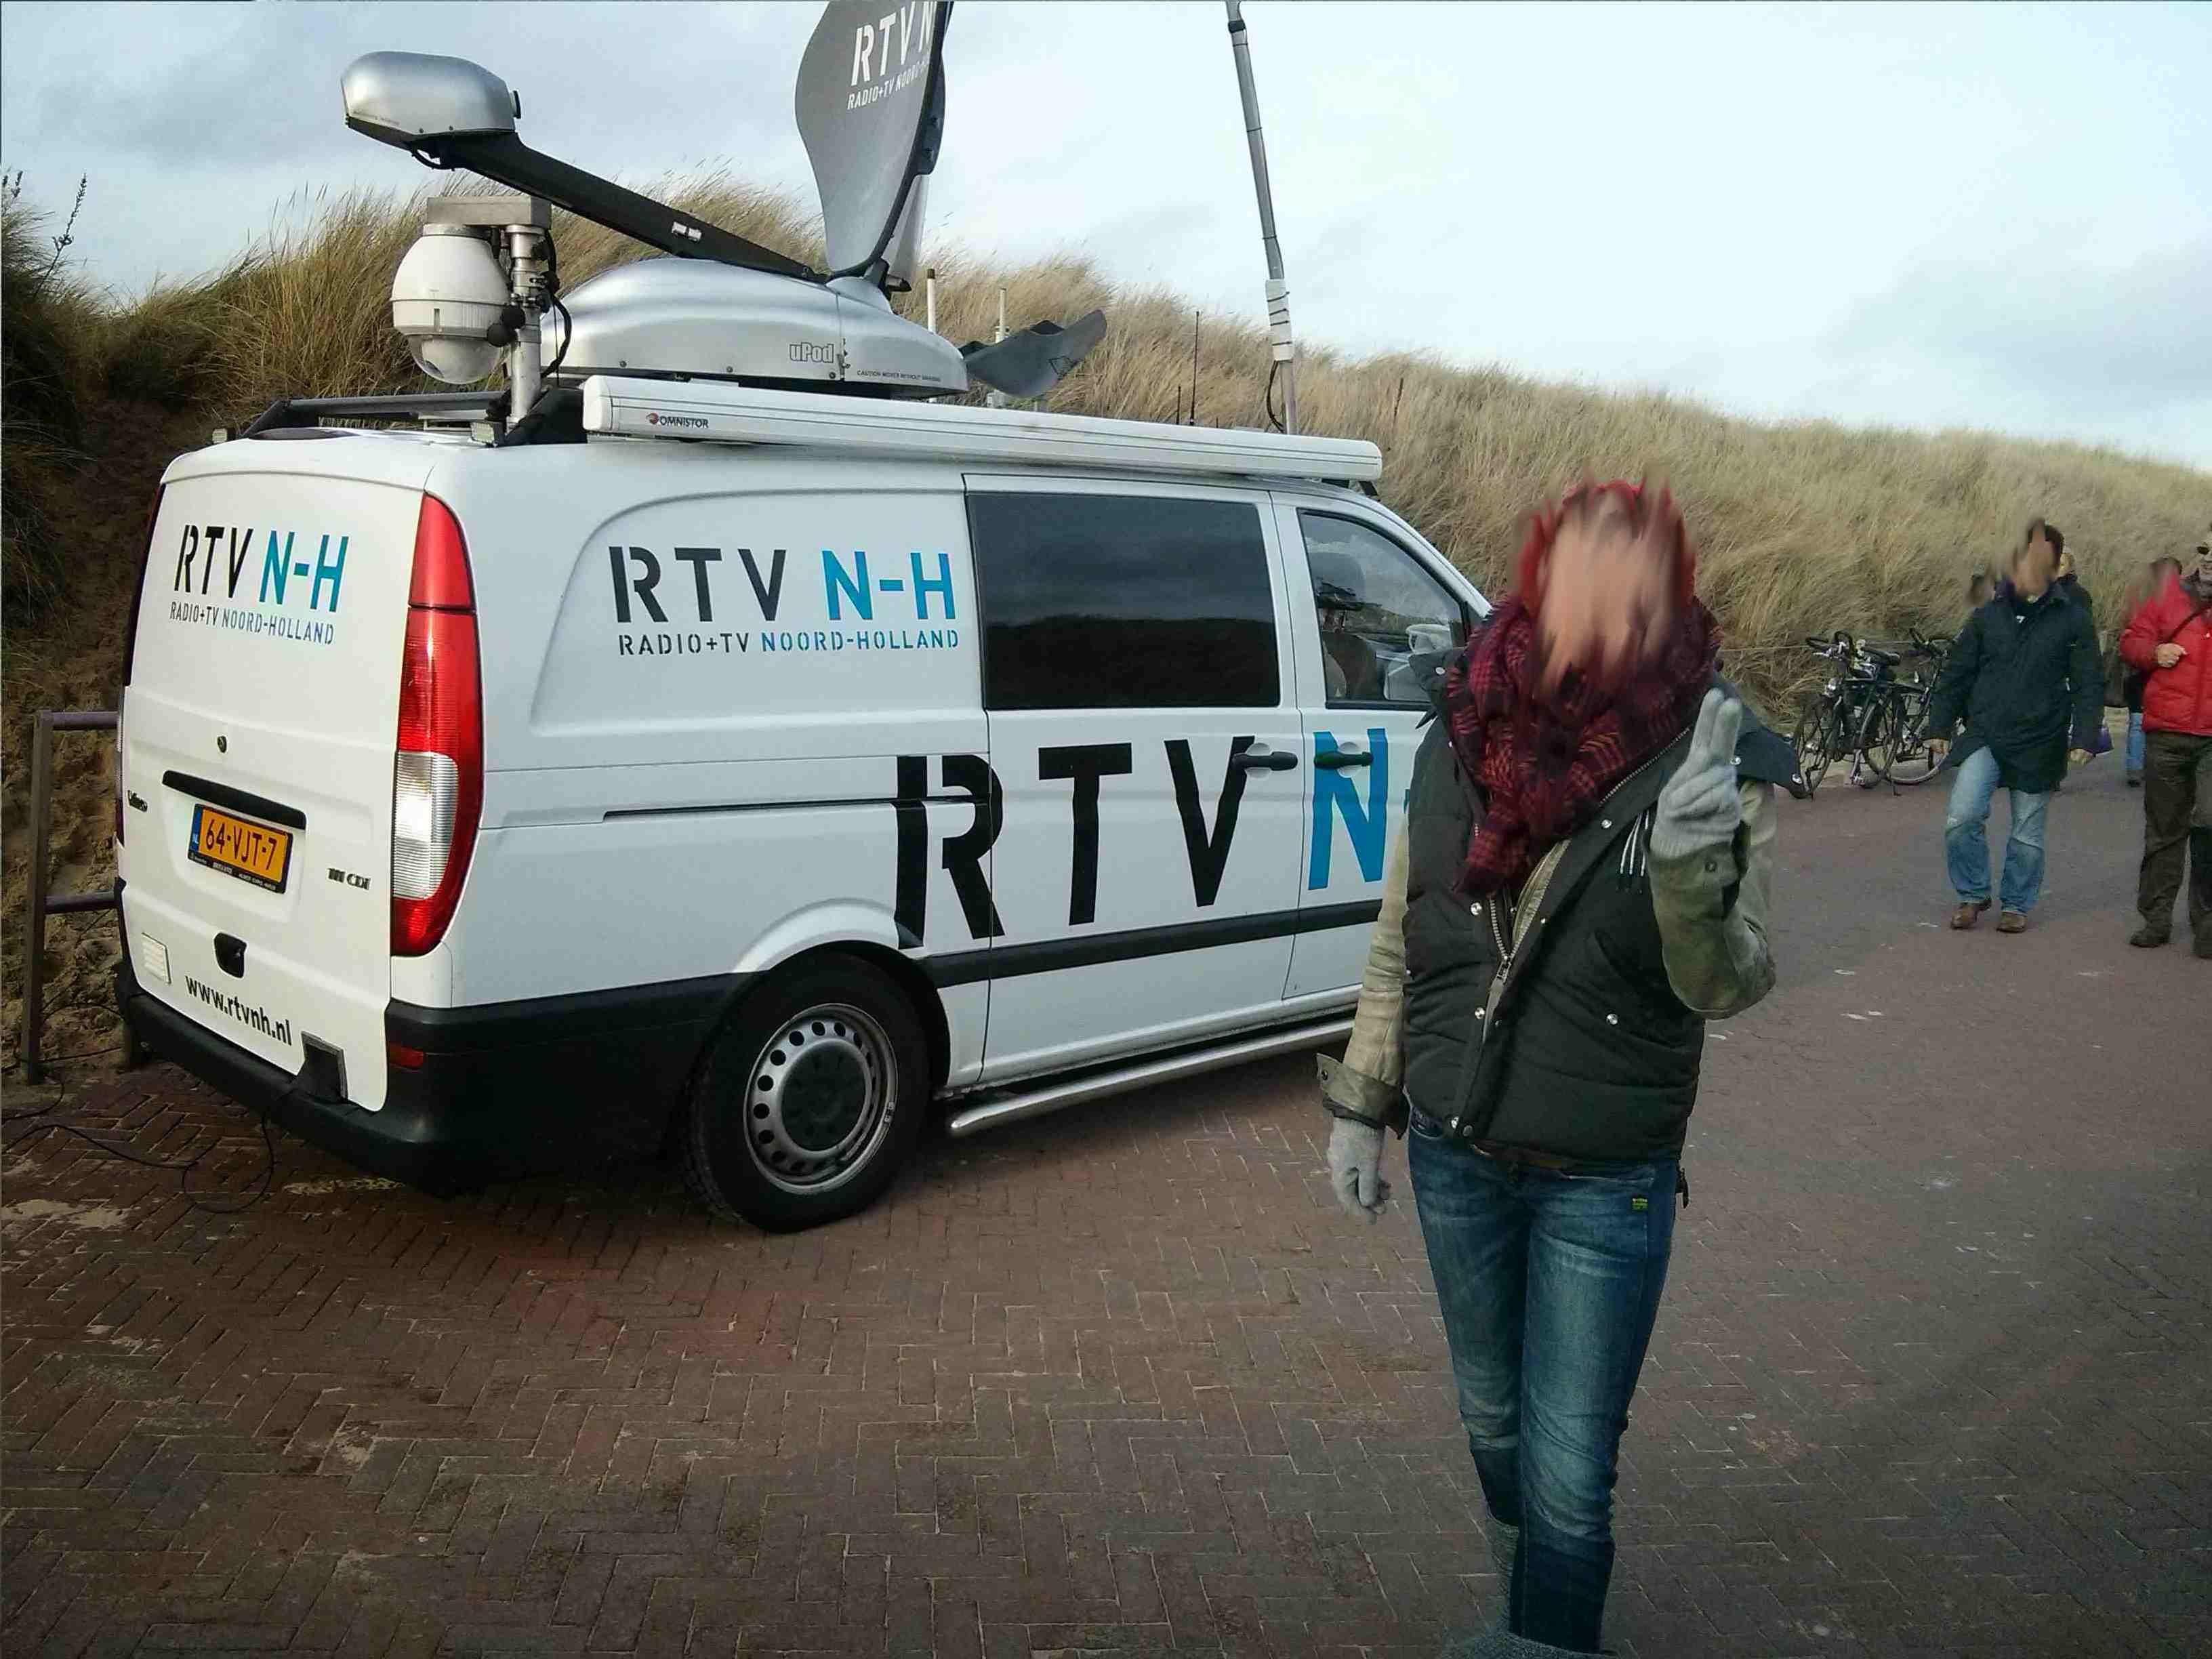 Egmond aan Zee Neujahrsschwimmen - Fernsehwagen